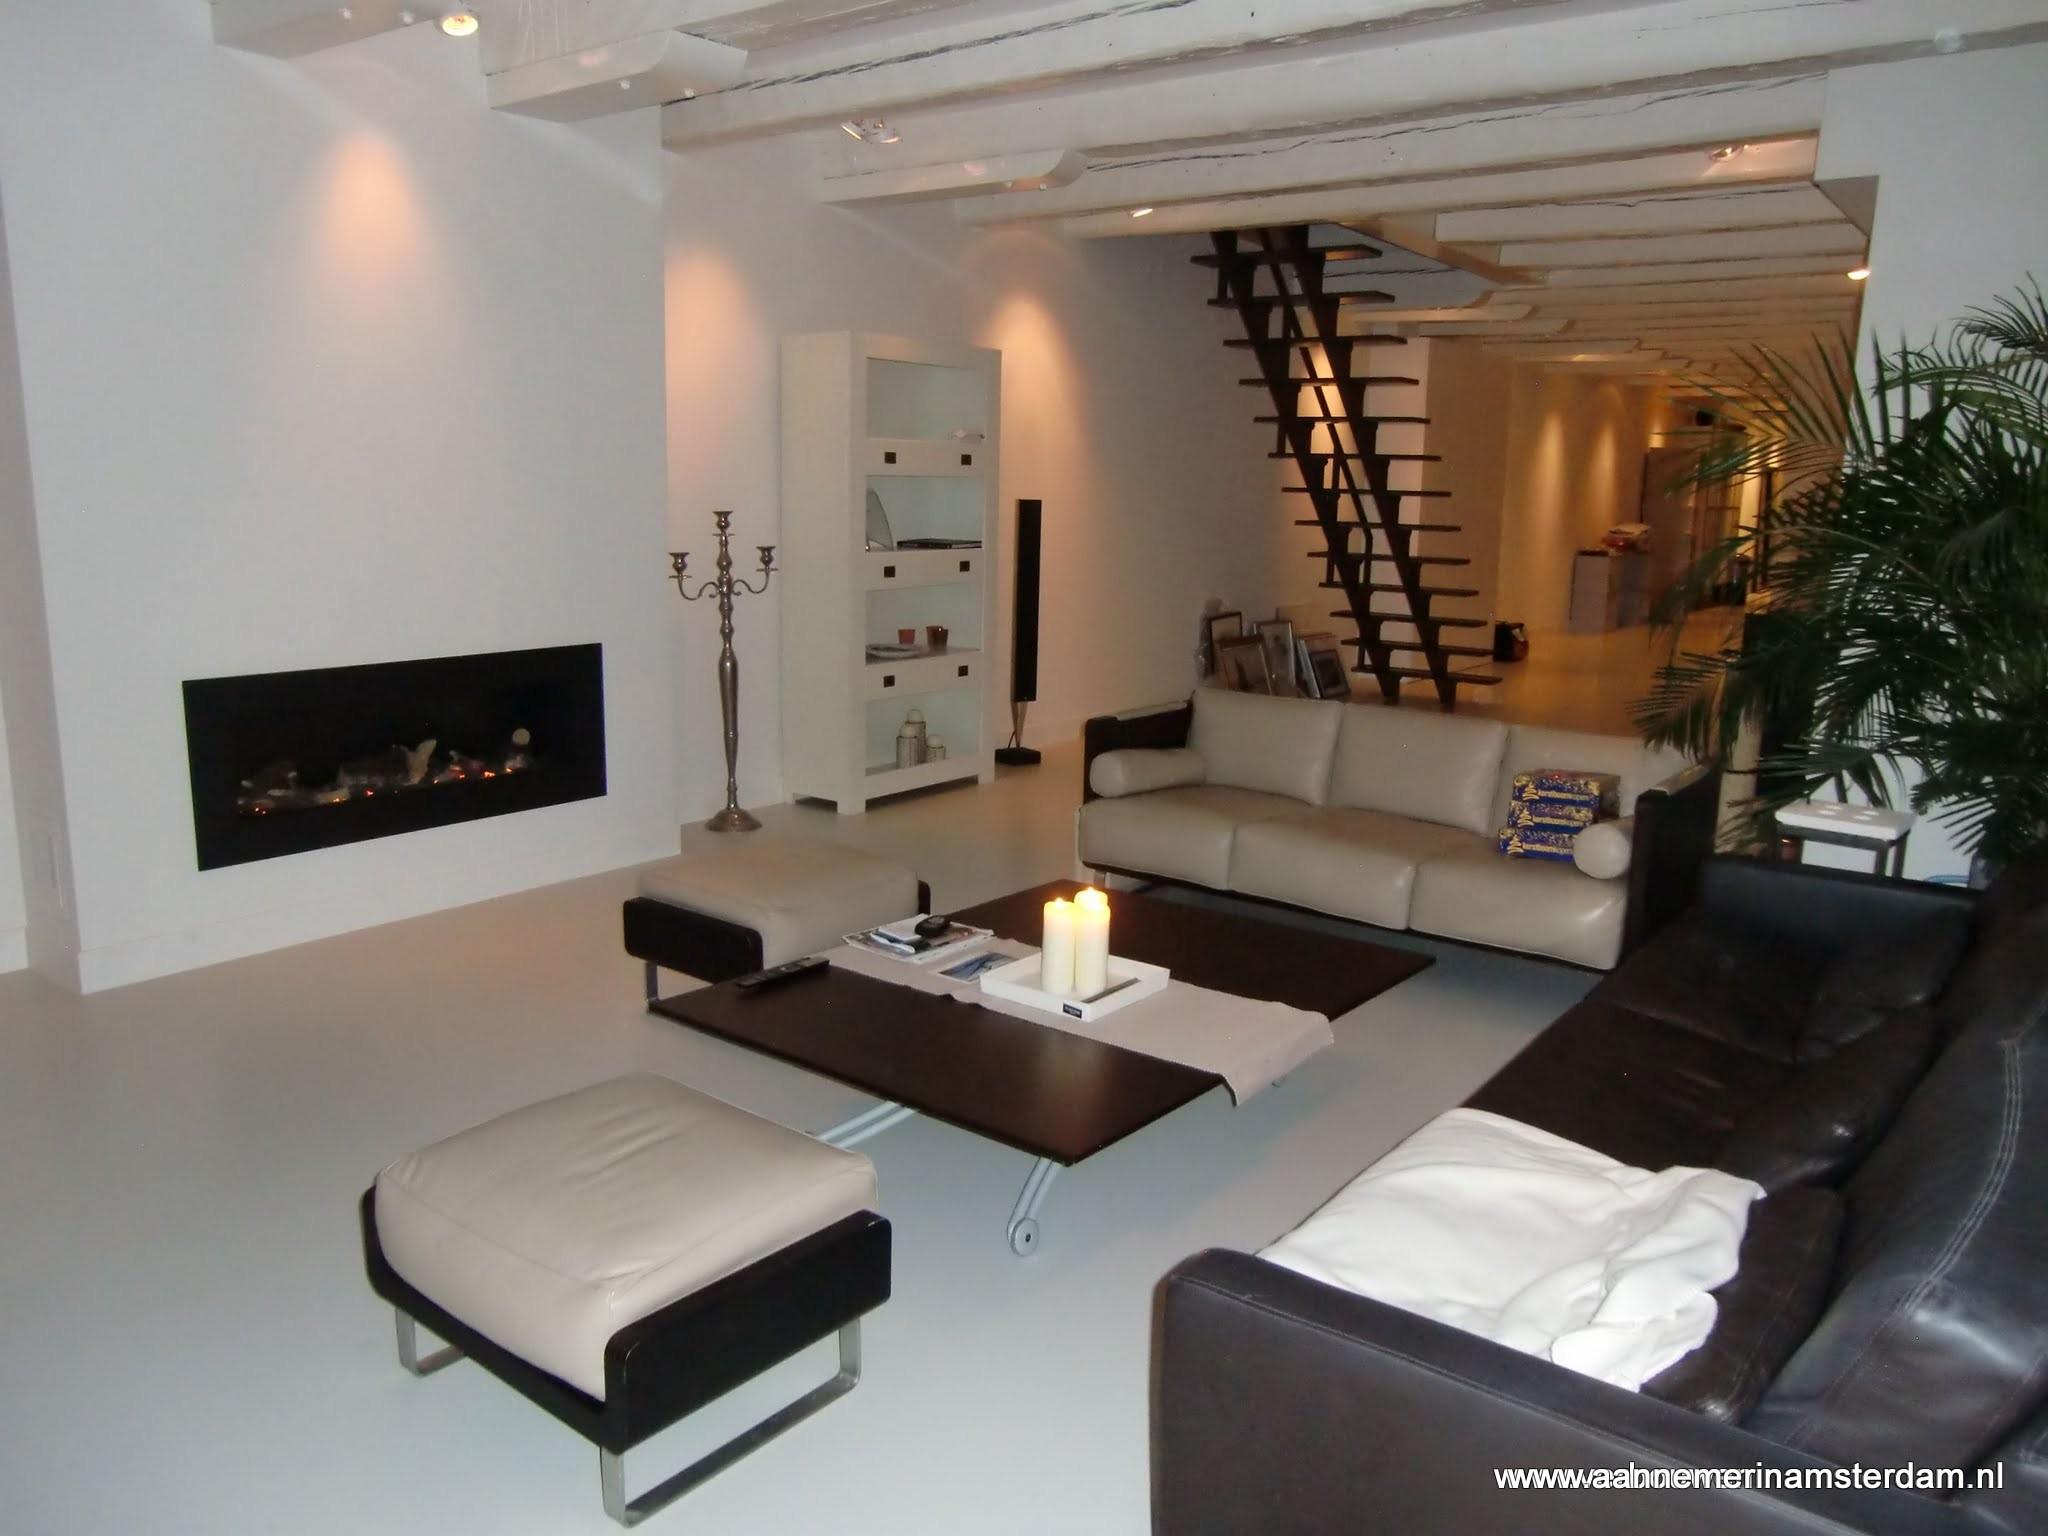 Penthouse amsterdam fred tokkie de huizendokter - Deco slaapkamer ontwerp volwassen ...